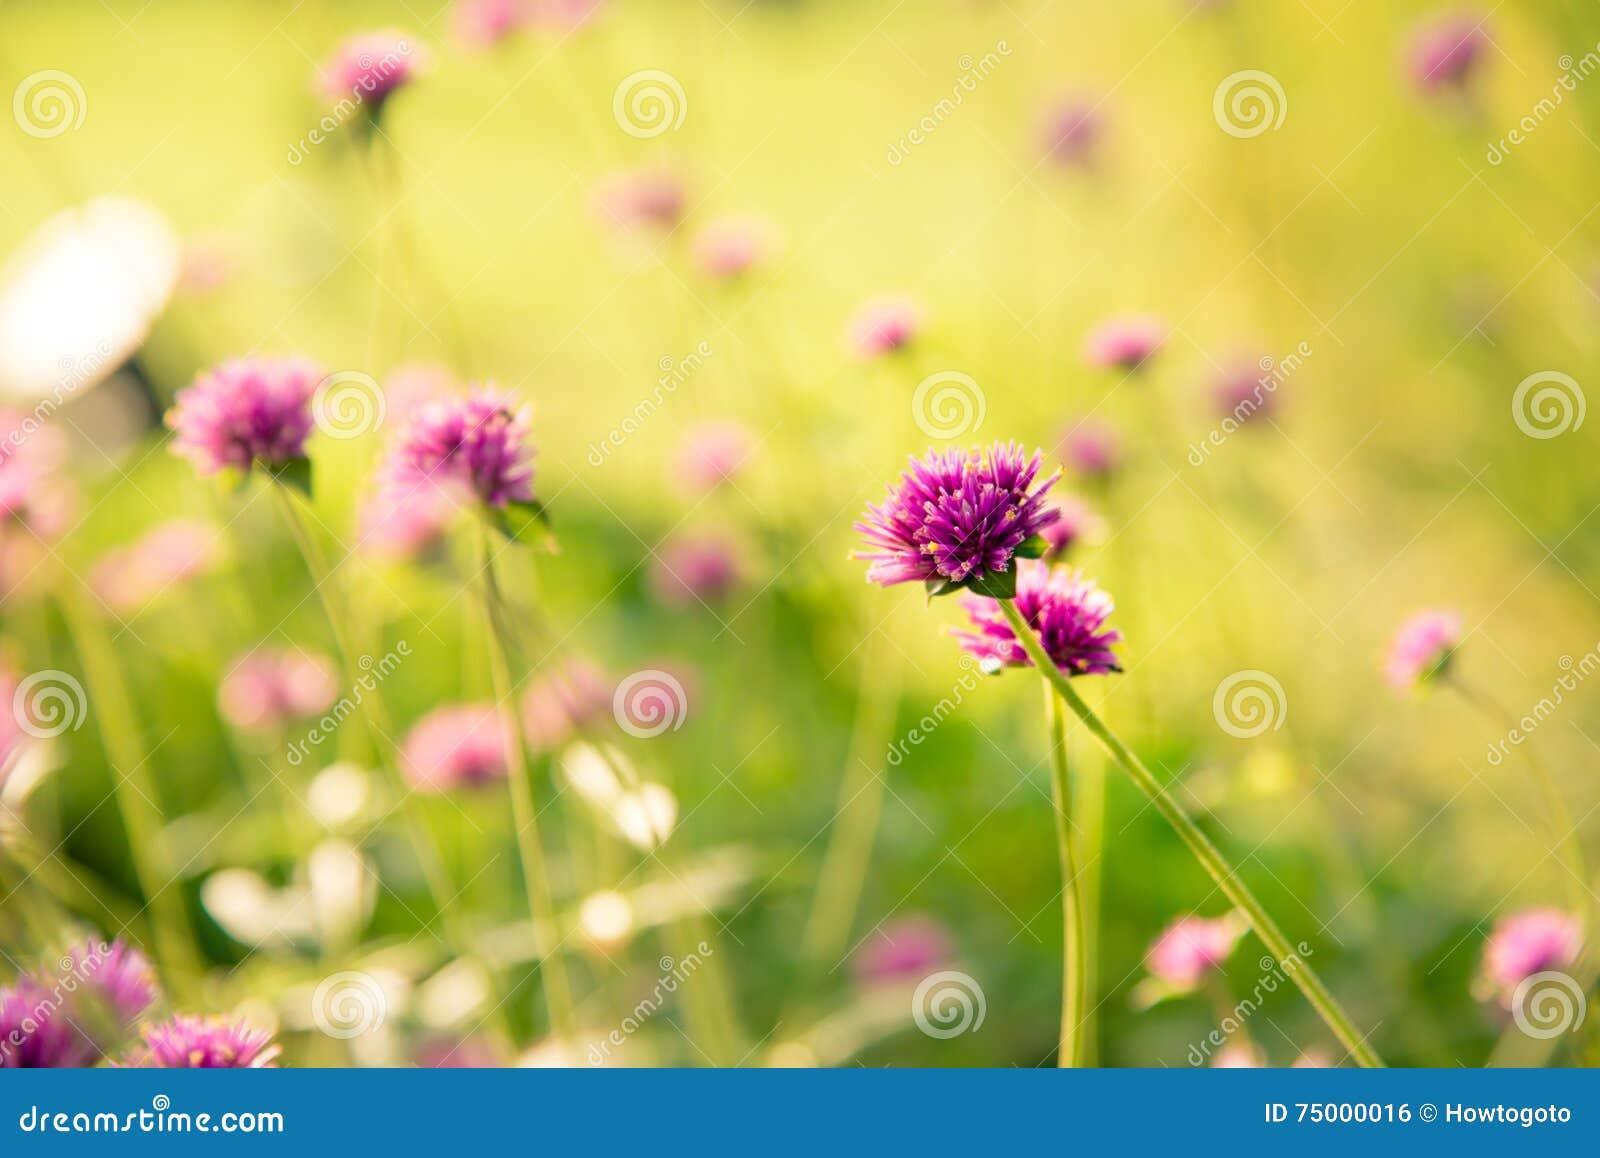 Vuurwerkbloem Violette bloem in het harde zonlicht